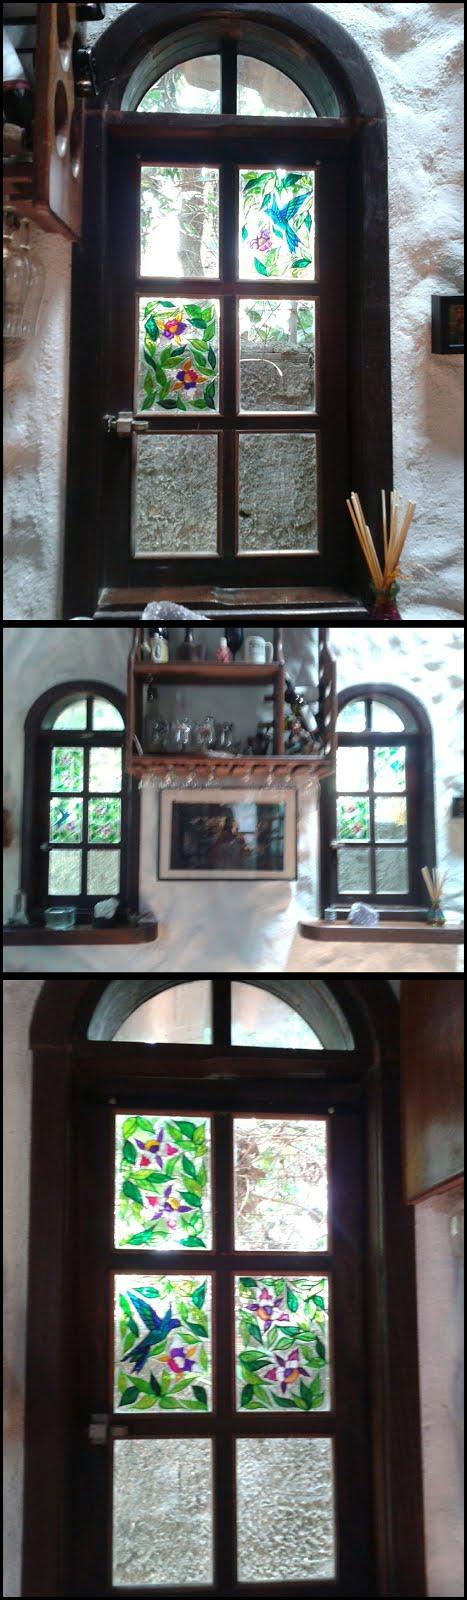 Beija-flores e orquideas em vidro de janela de madeira